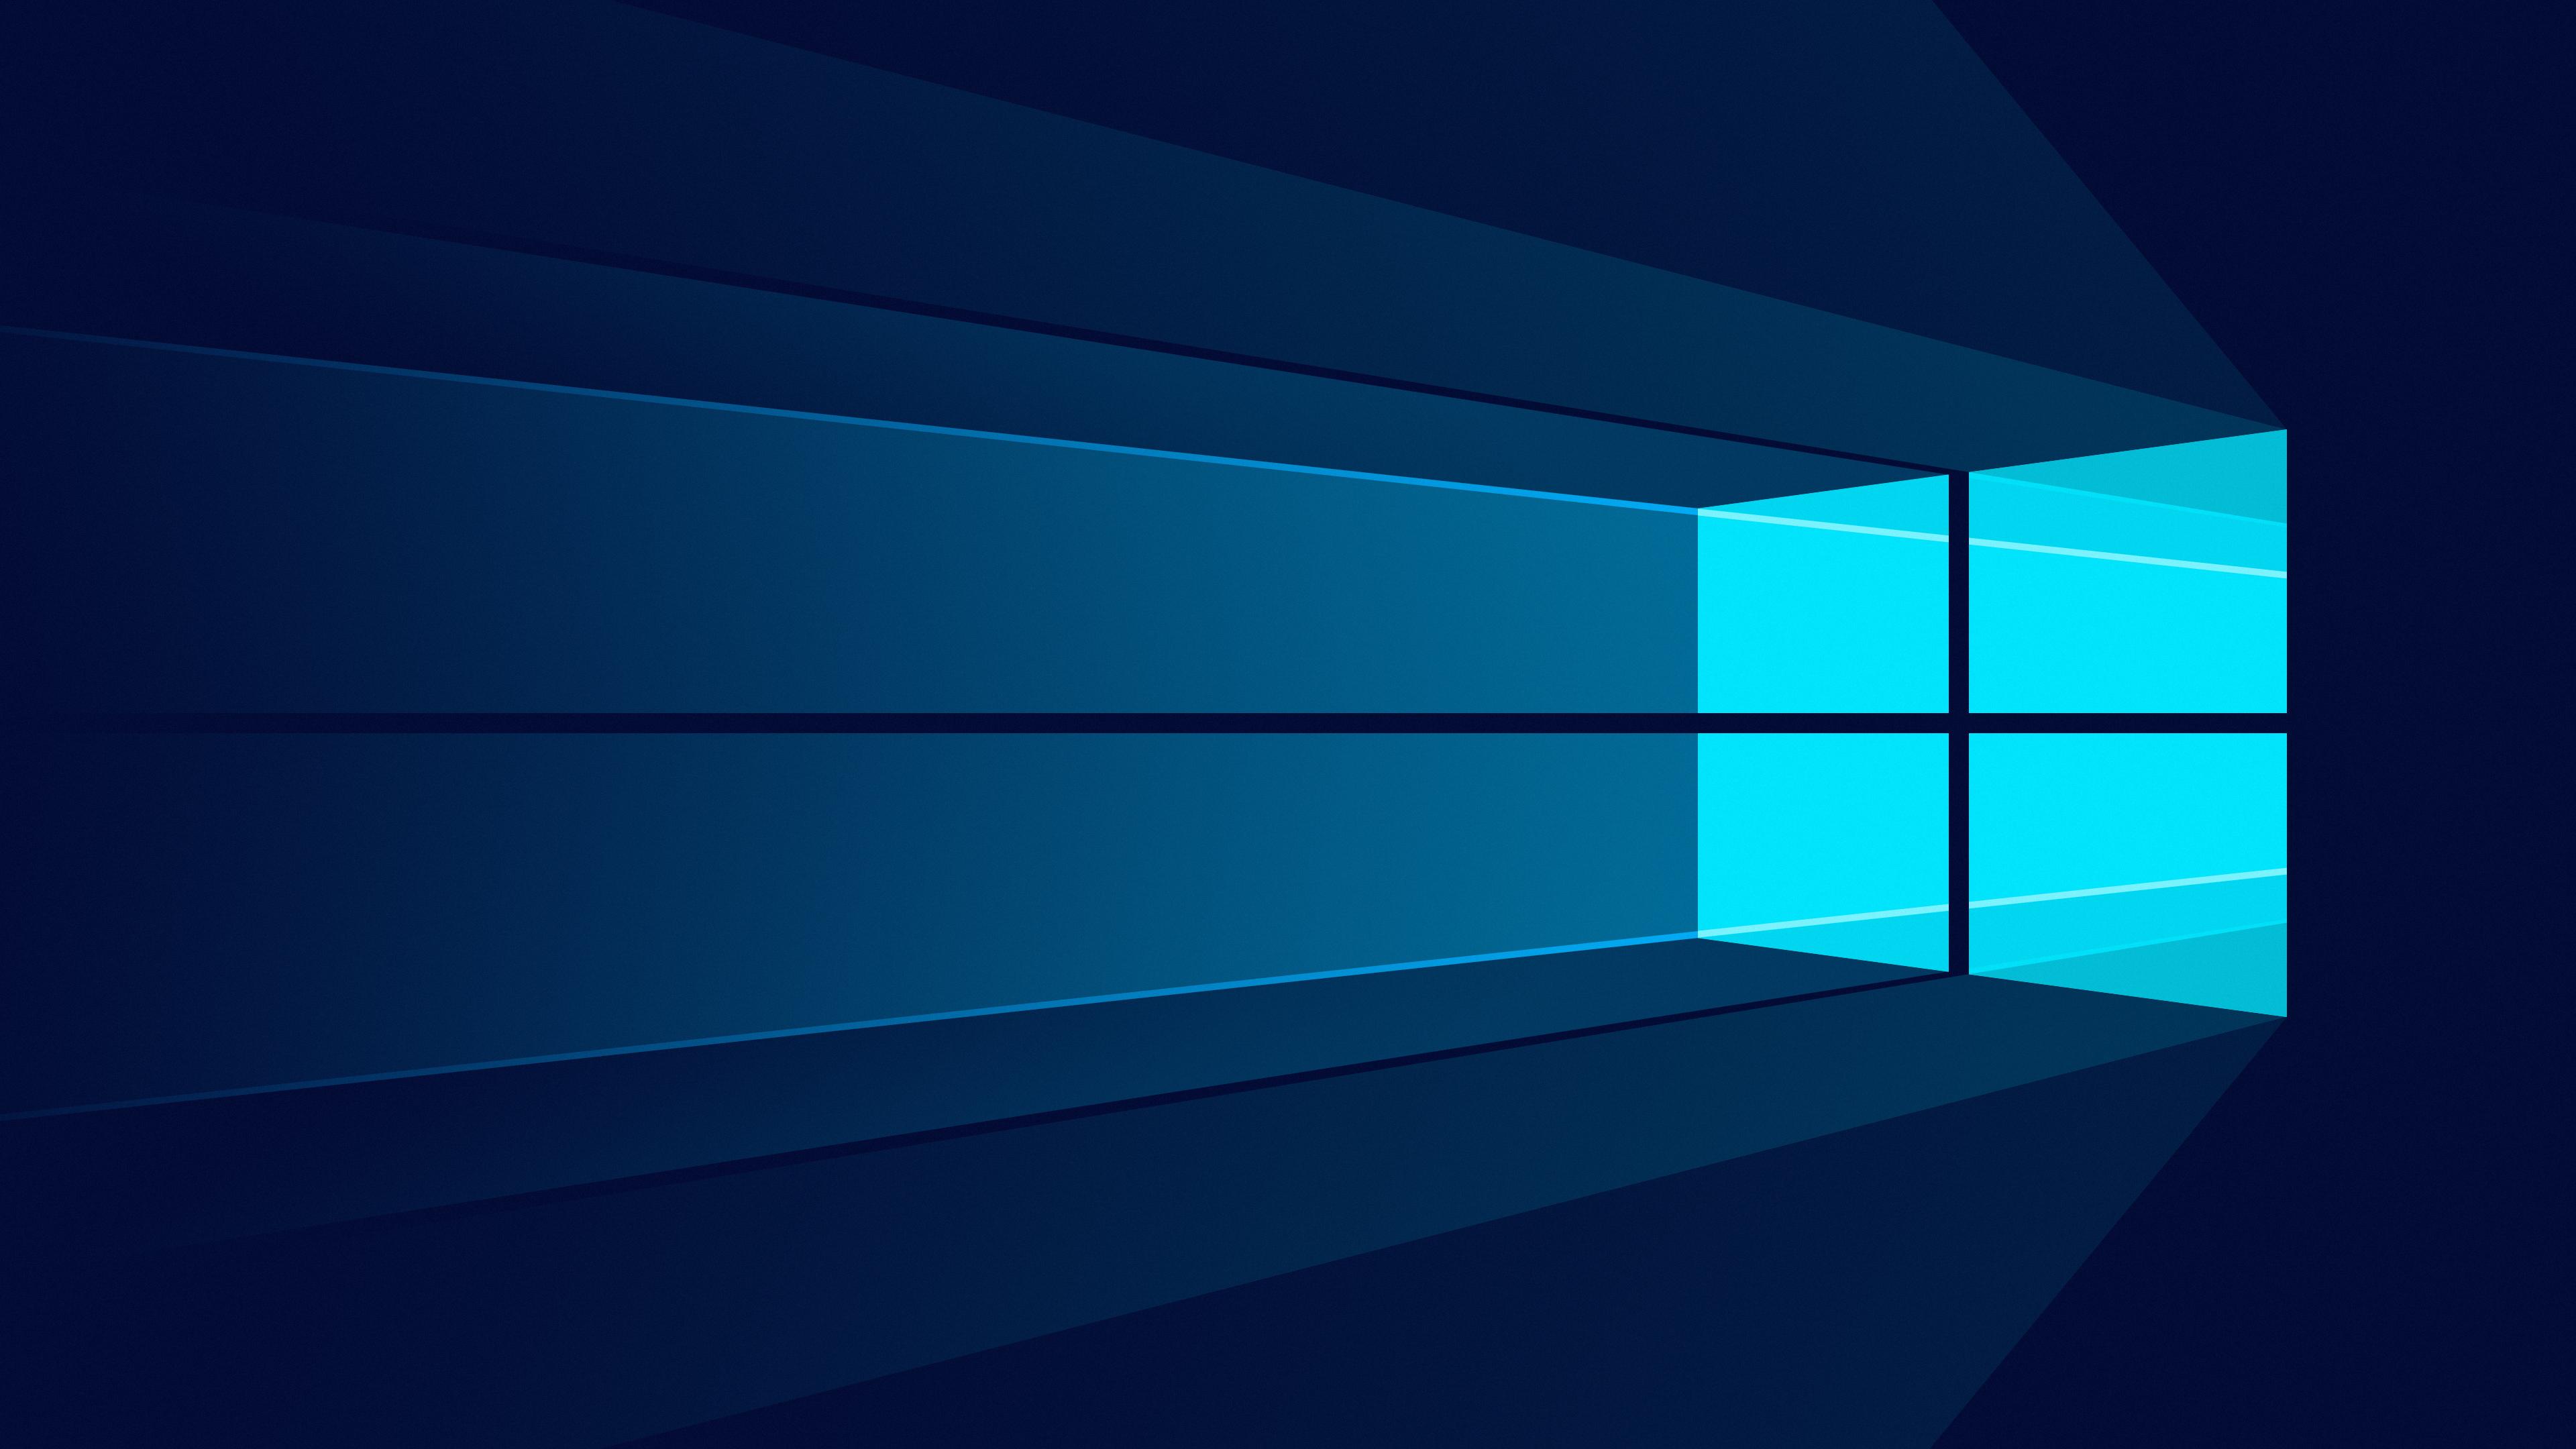 3840x2160 Windows 10 Minimalist 4k HD 4k Wallpapers ...